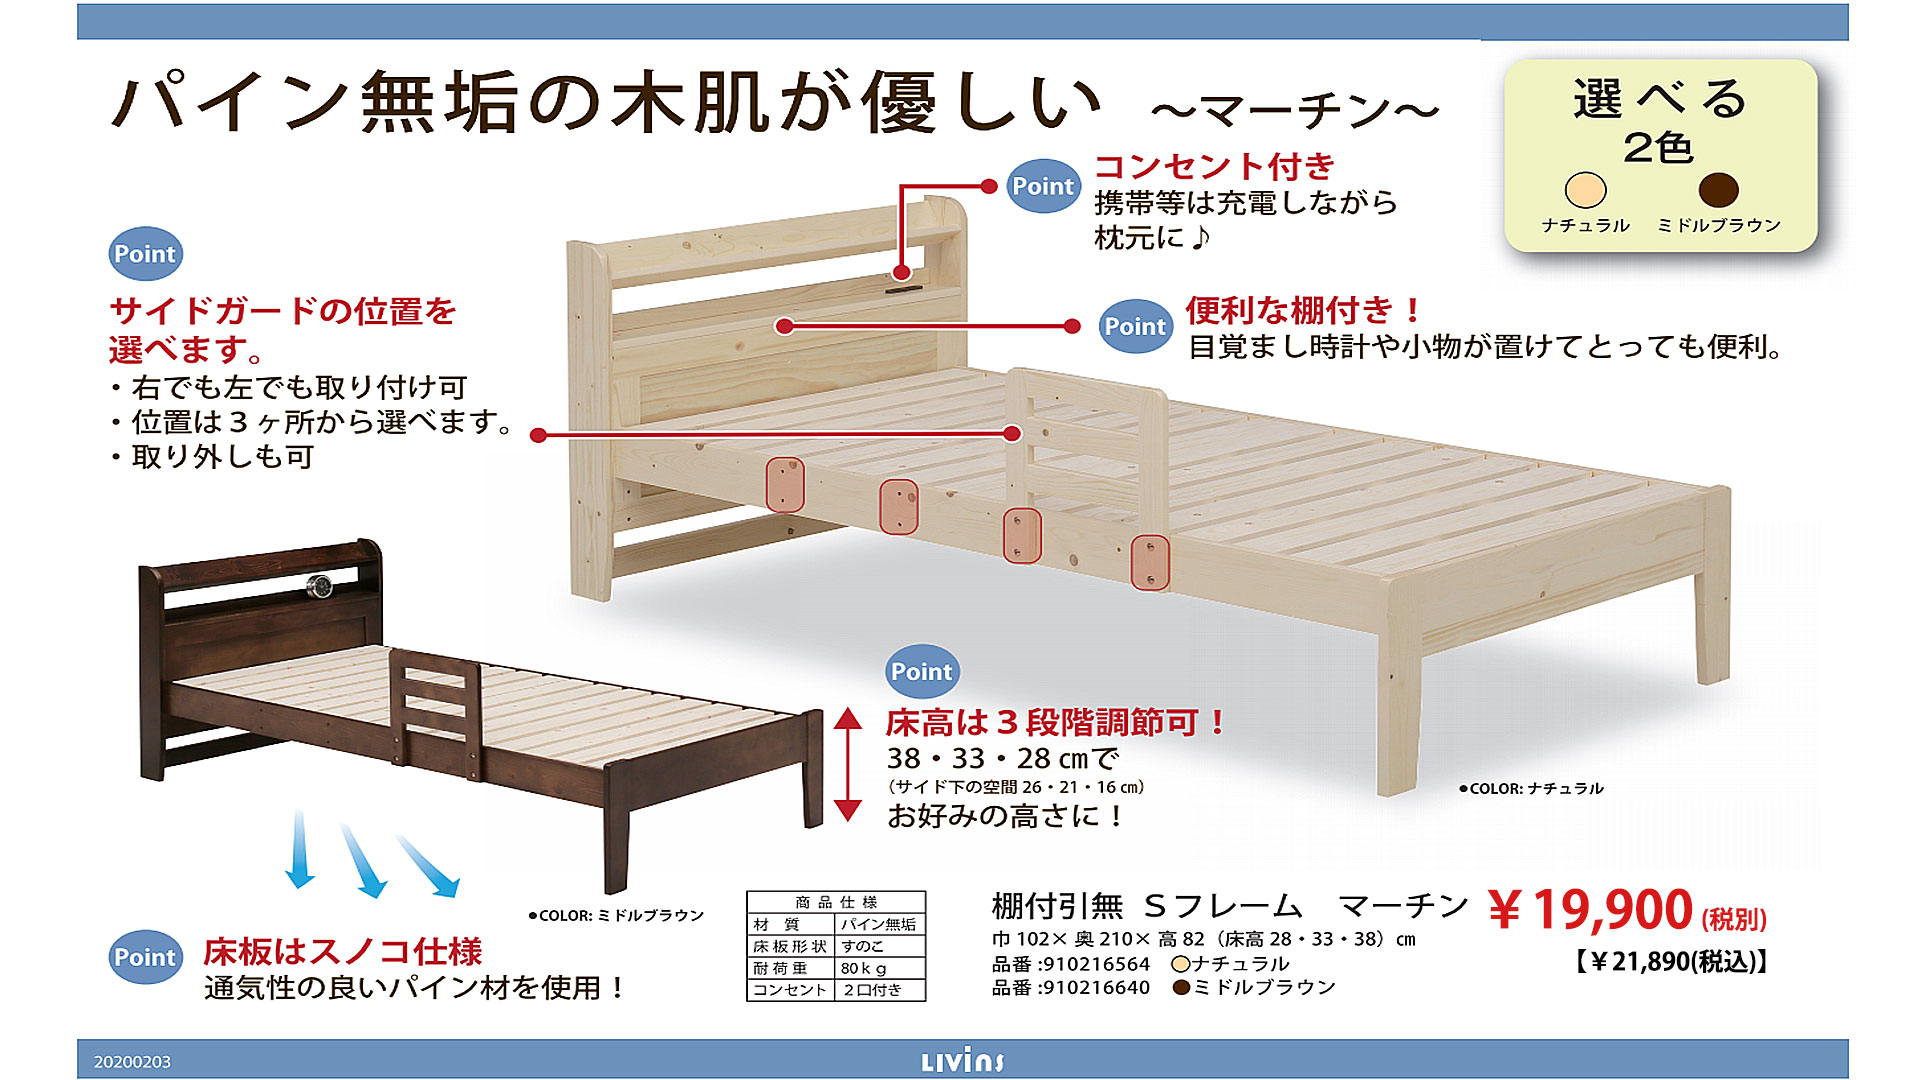 リビンズのベッドフレーム「マーチン」のPOPの画像